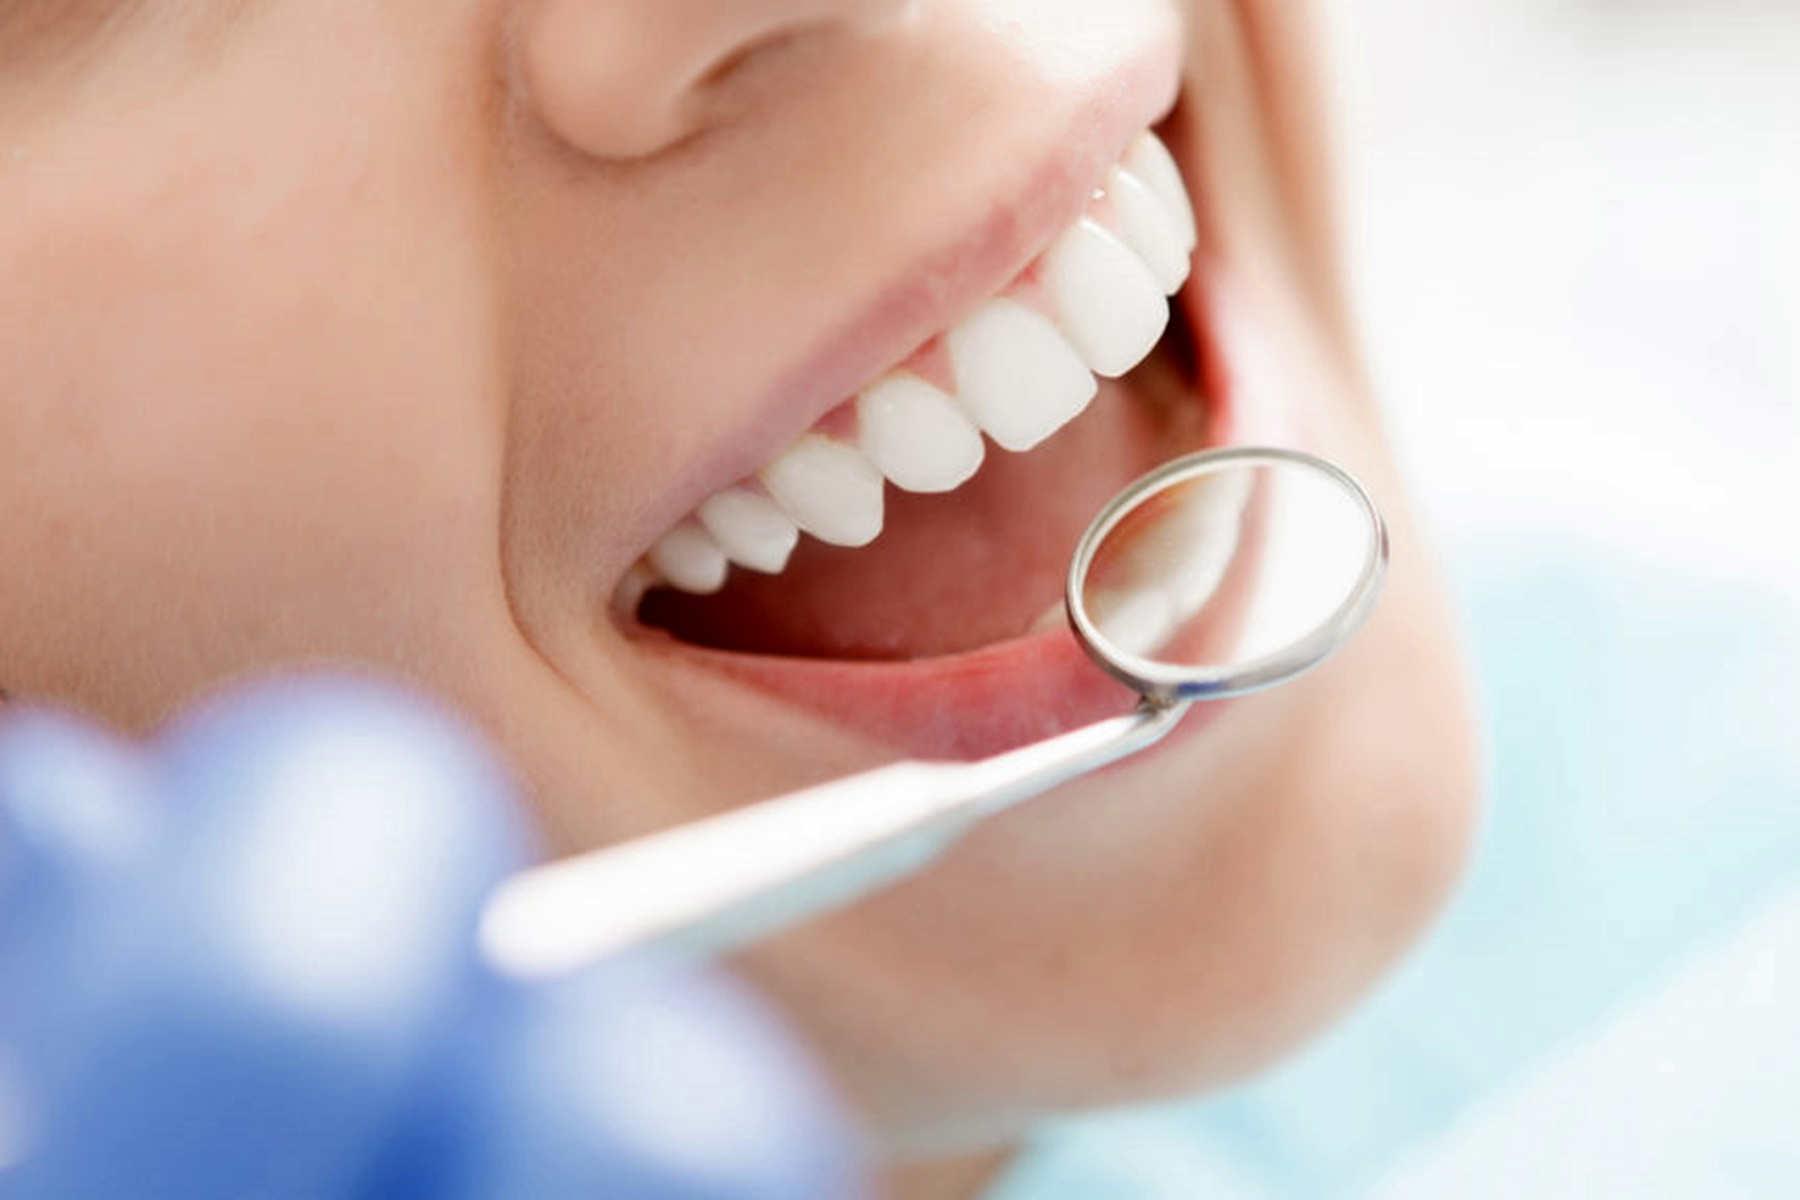 Κορωνοϊός πανδημία : Πως επηρέασε την υγεία του στόματος